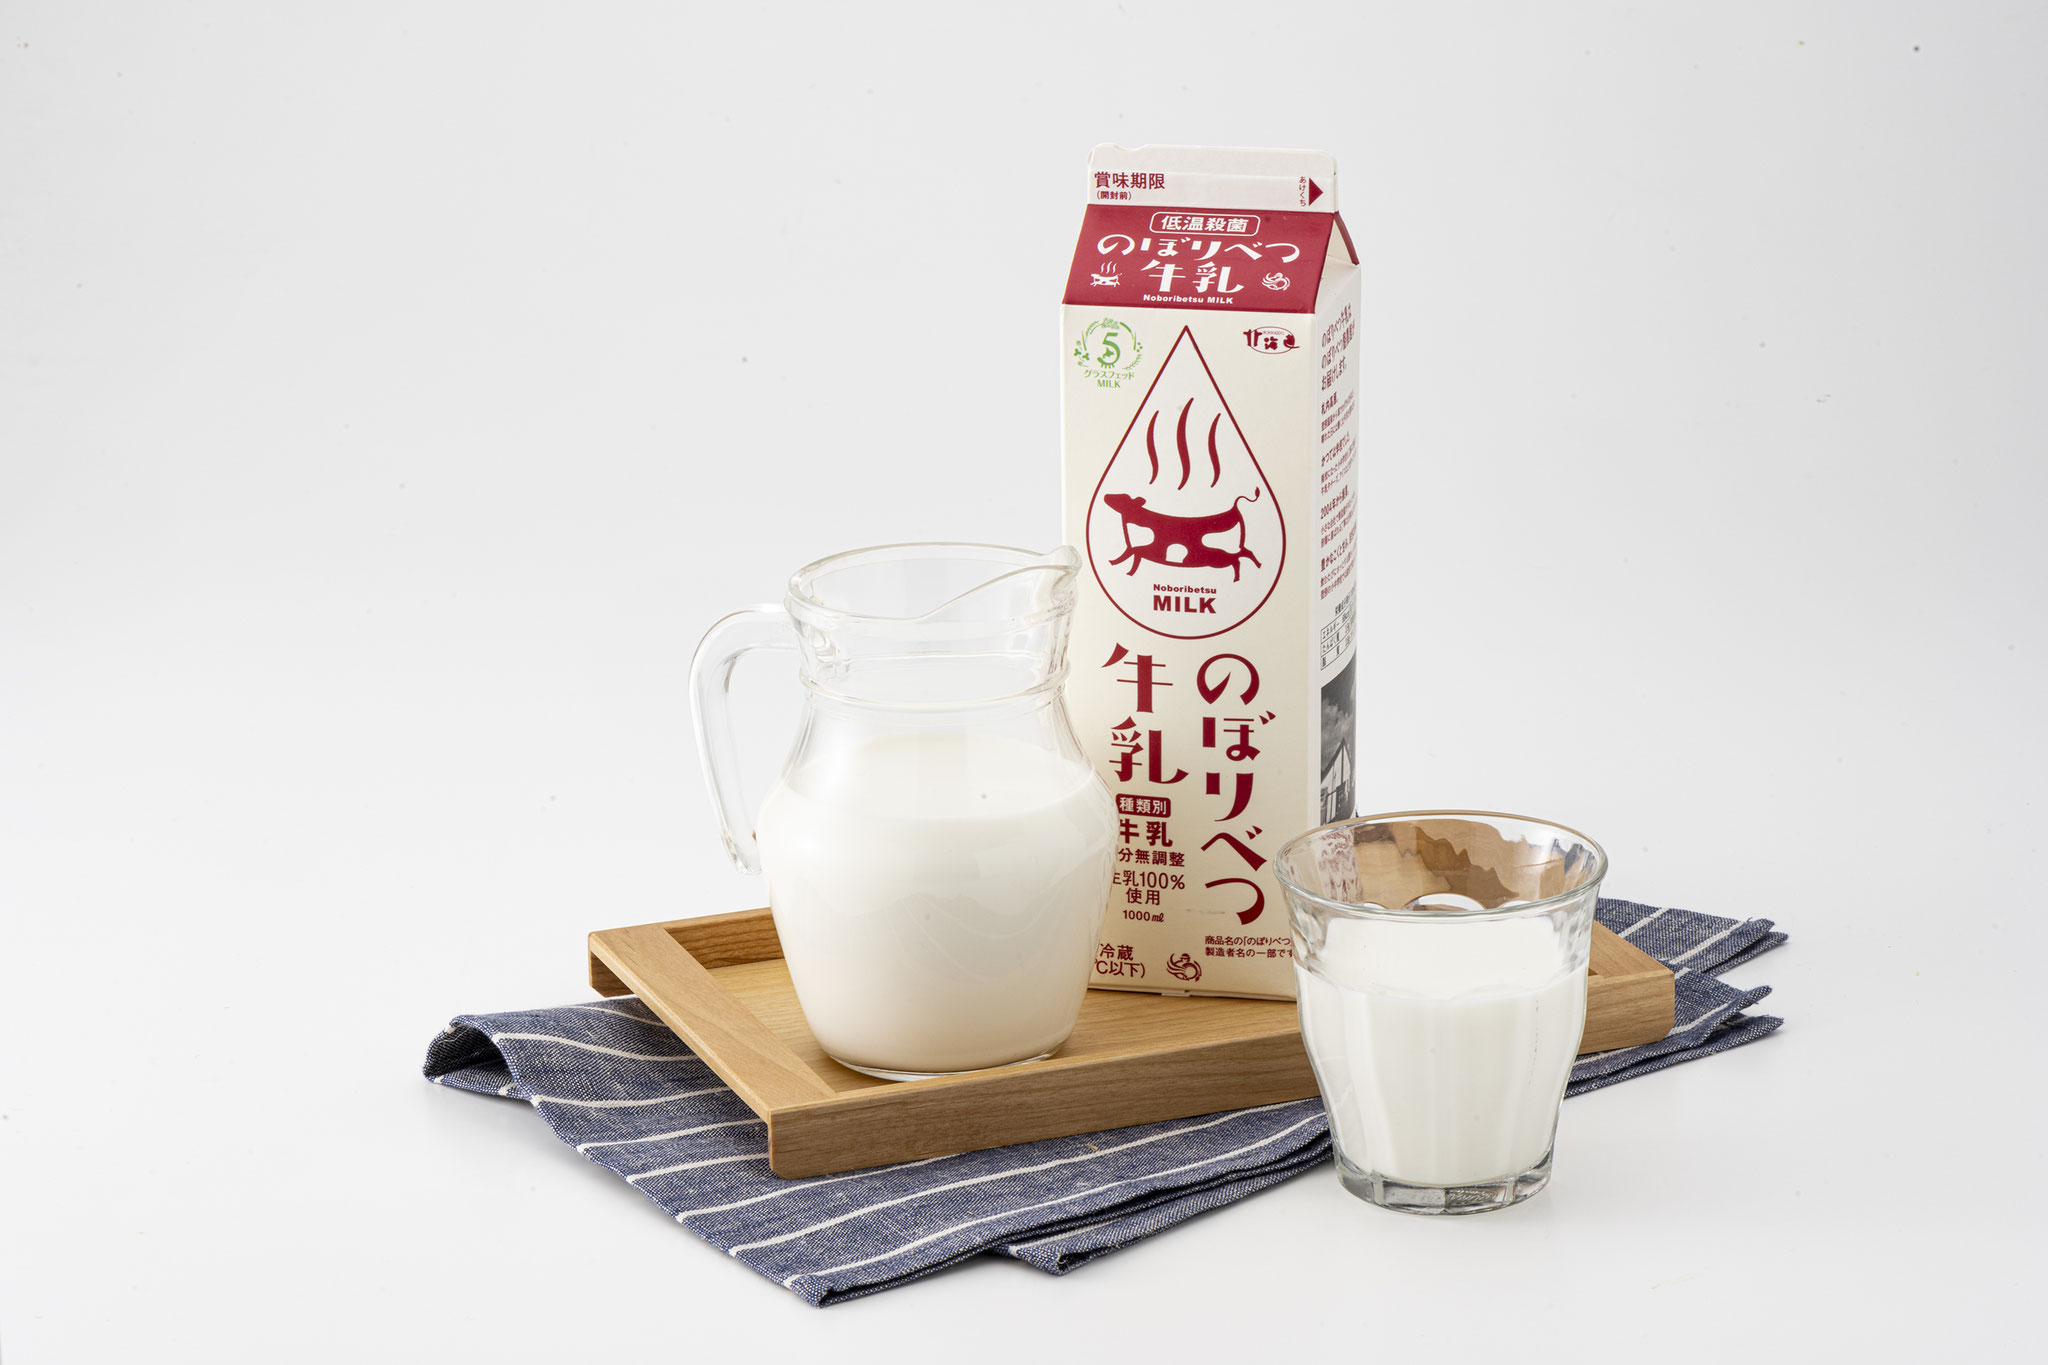 のぼりべつ牛乳<(株)のぼりべつ酪農館>